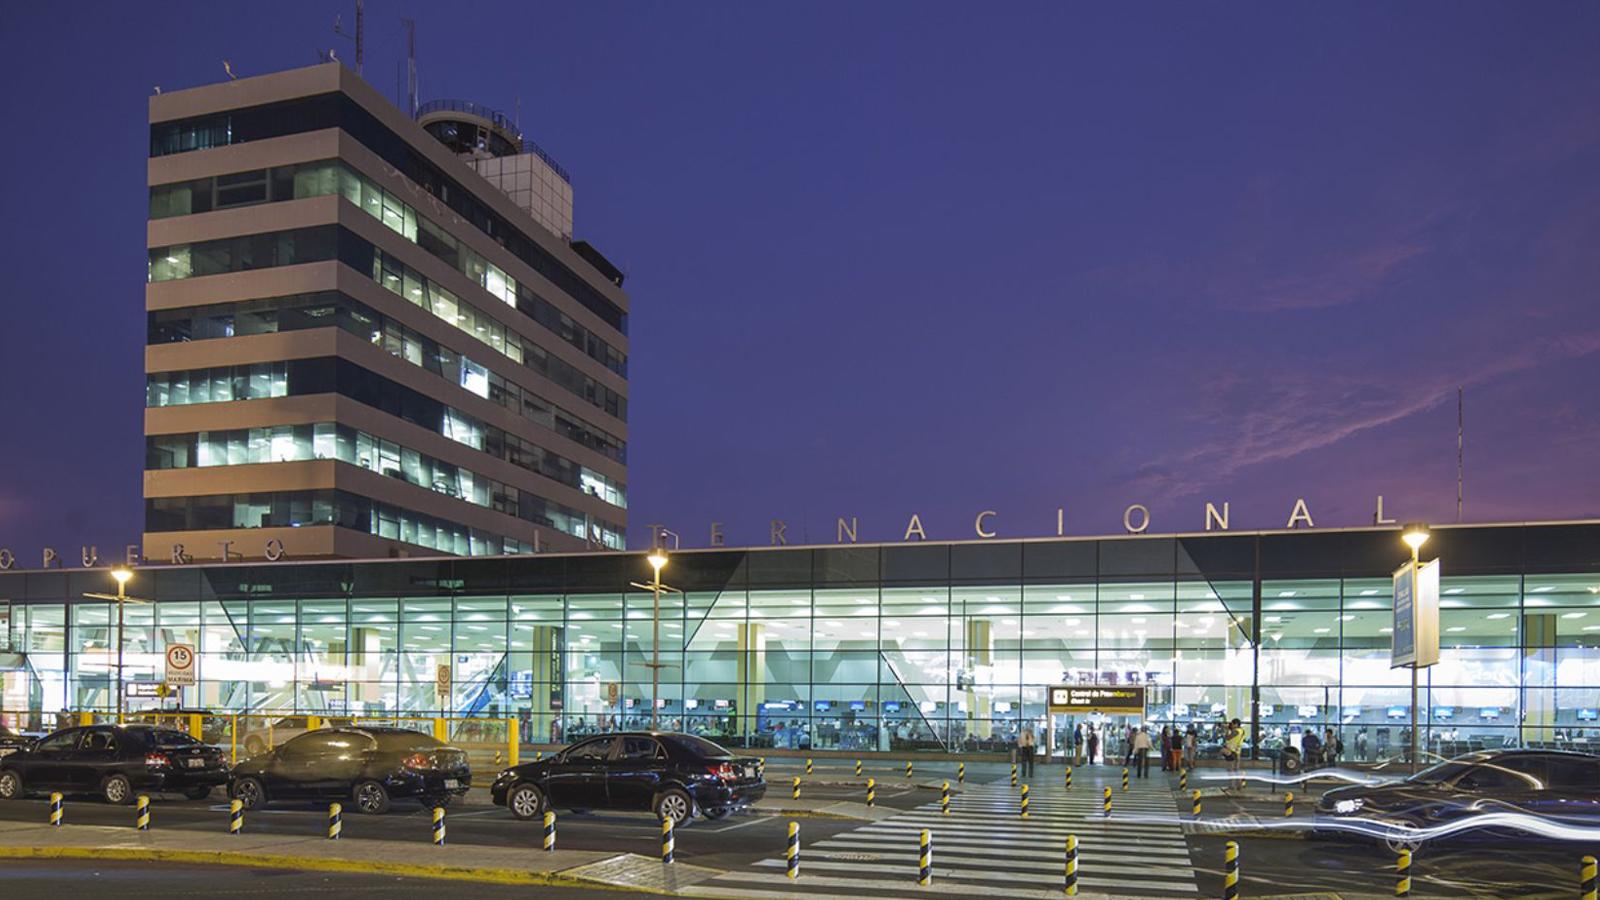 Entrada do Aeroporto Internacional Jorge Chavez ao anoitecer com carros passando em frente deixando rastro de luz